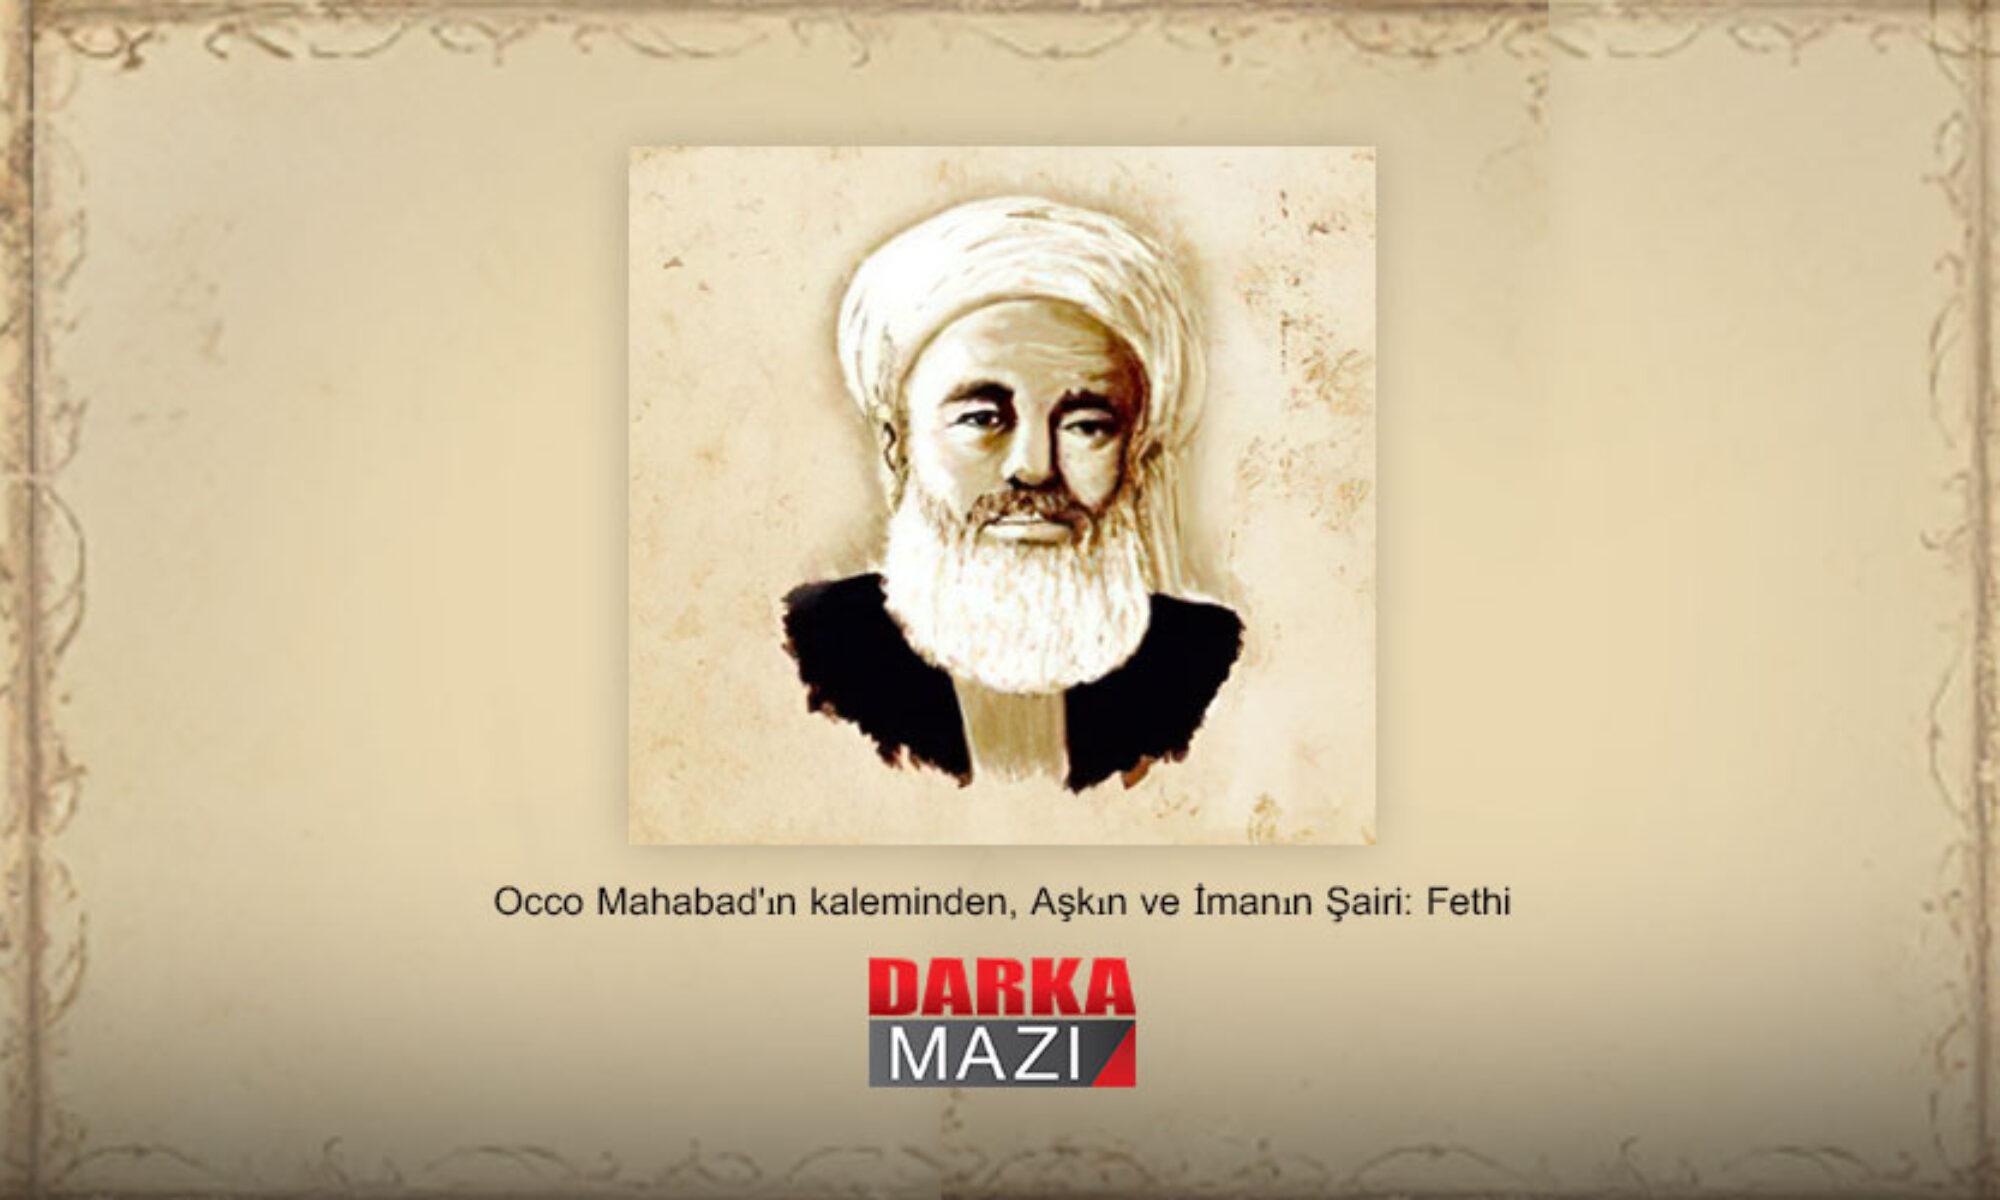 Occo Mahabad'ın kaleminden Aşkın ve İmanın Şairi: Fethi